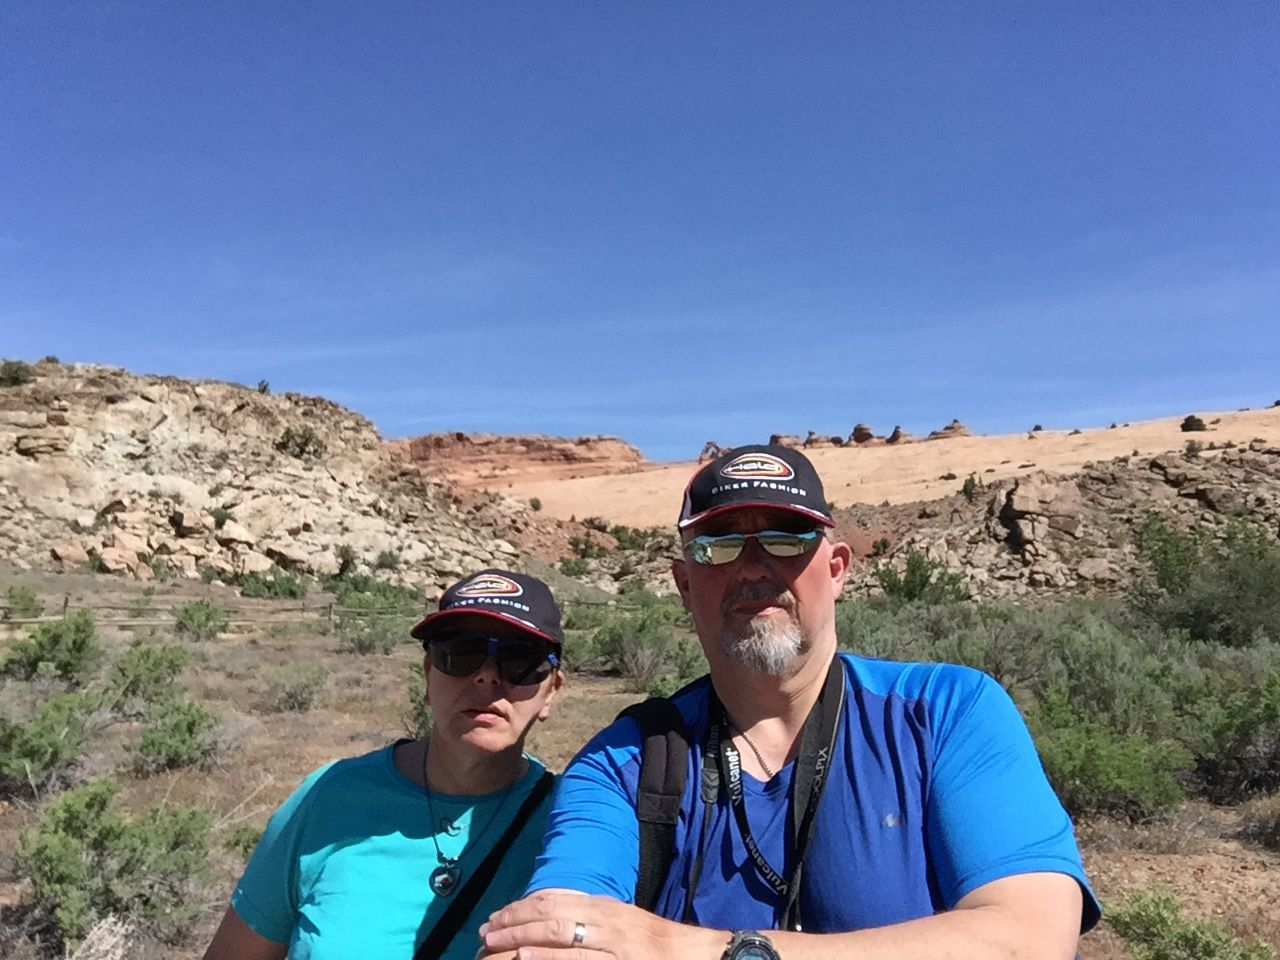 Goldwing Unsersbande - Un couple et une moto dans le Wild West américain 07 jour -  De Moab, Arches National Park, Capitol Reef à Tropic